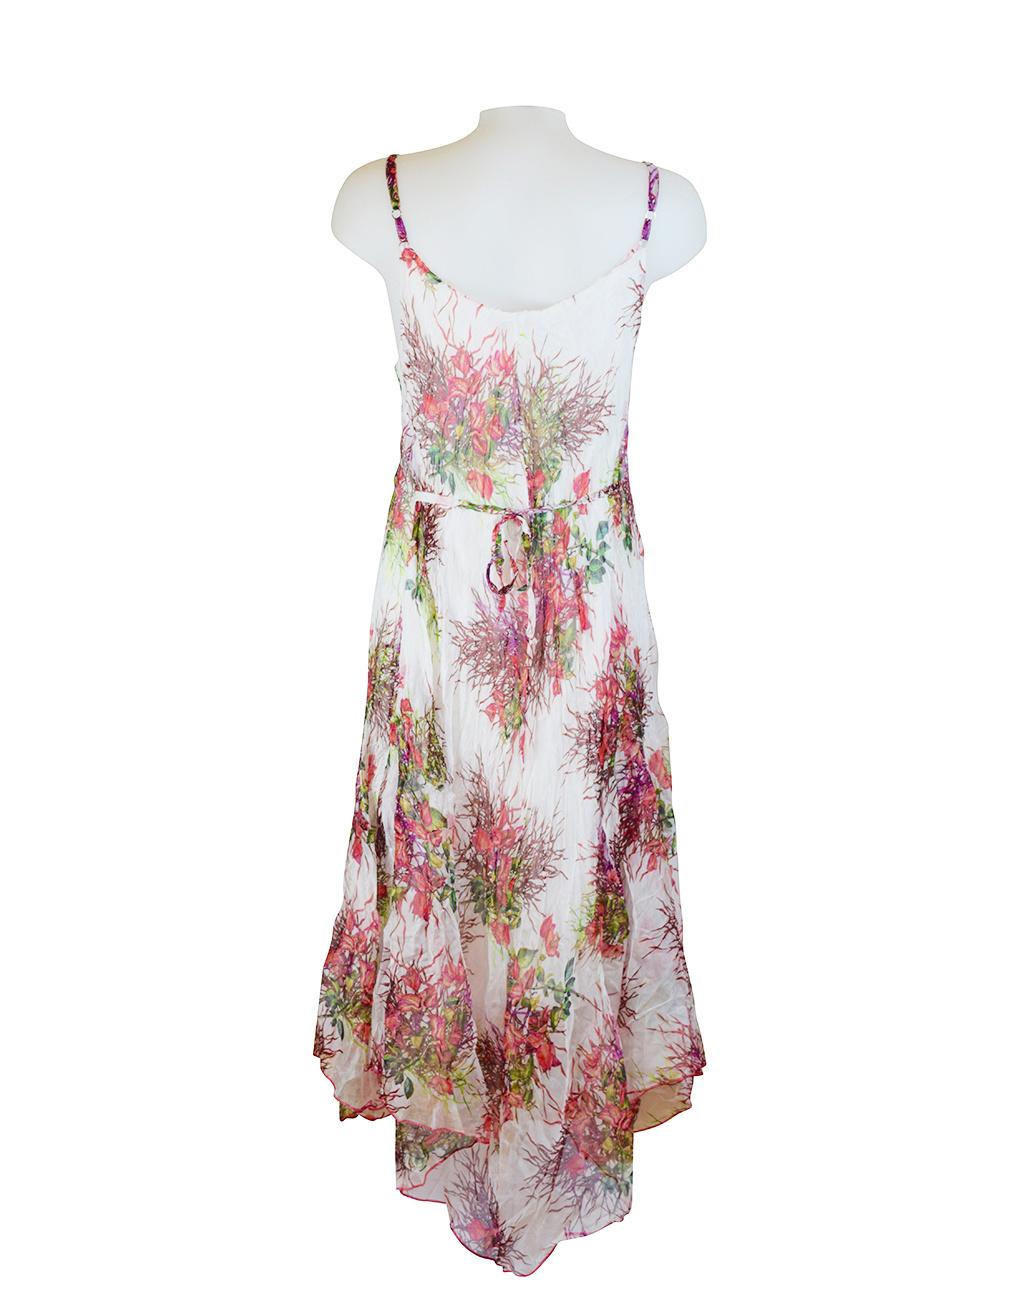 Sensations Pour Elle Ivory Floral Maxi Dress One Size Reverse